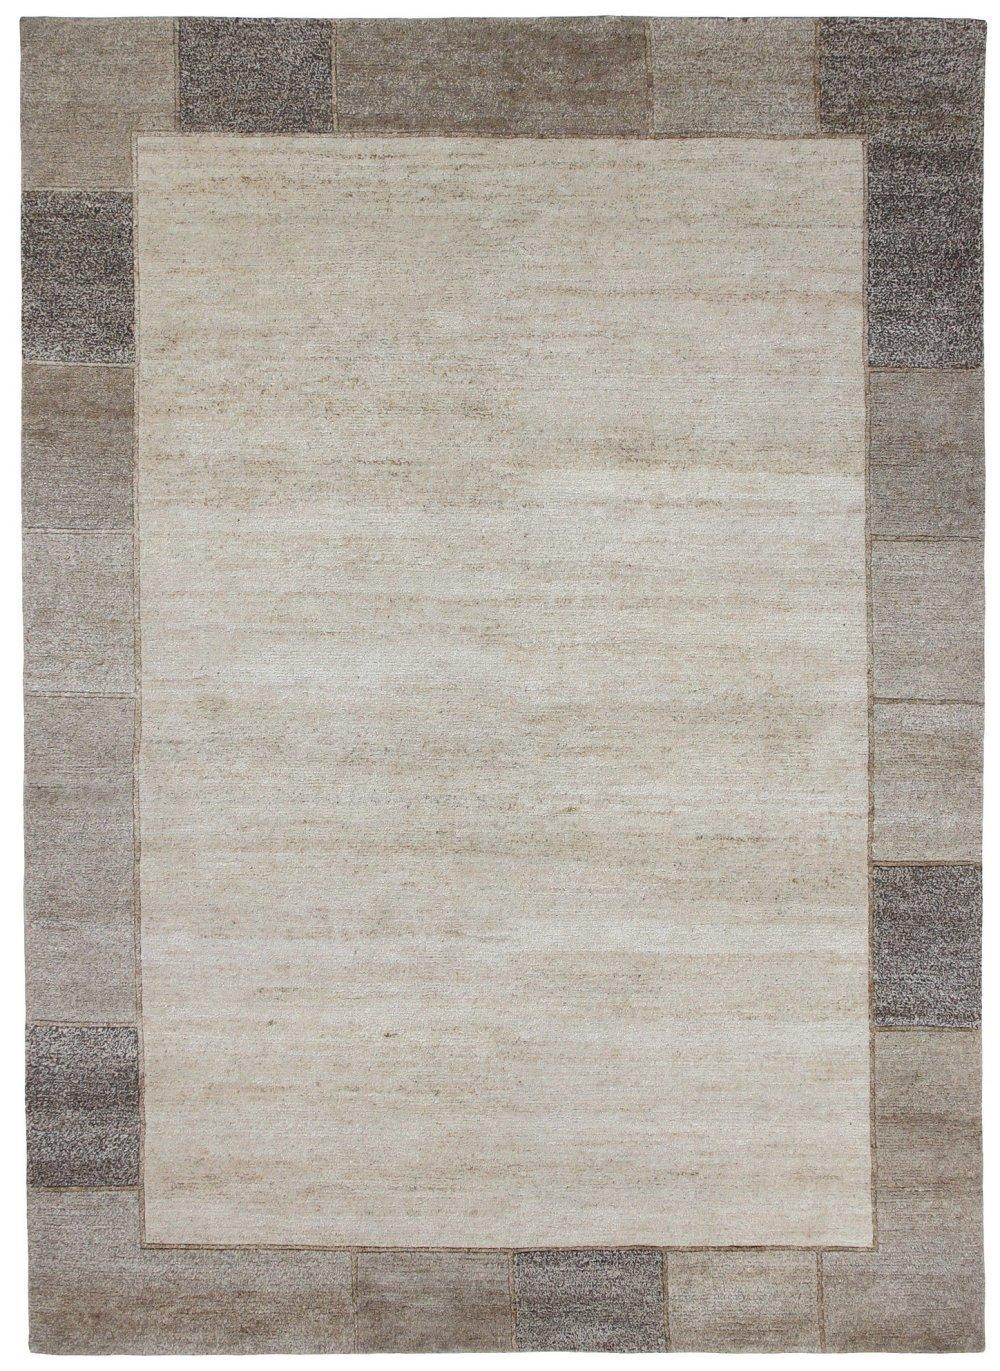 """TEPPICHWELT SONA-LUX Nepal Teppich handgeknüpft natur """"Größe auswählen"""" 90 x 160 cm"""